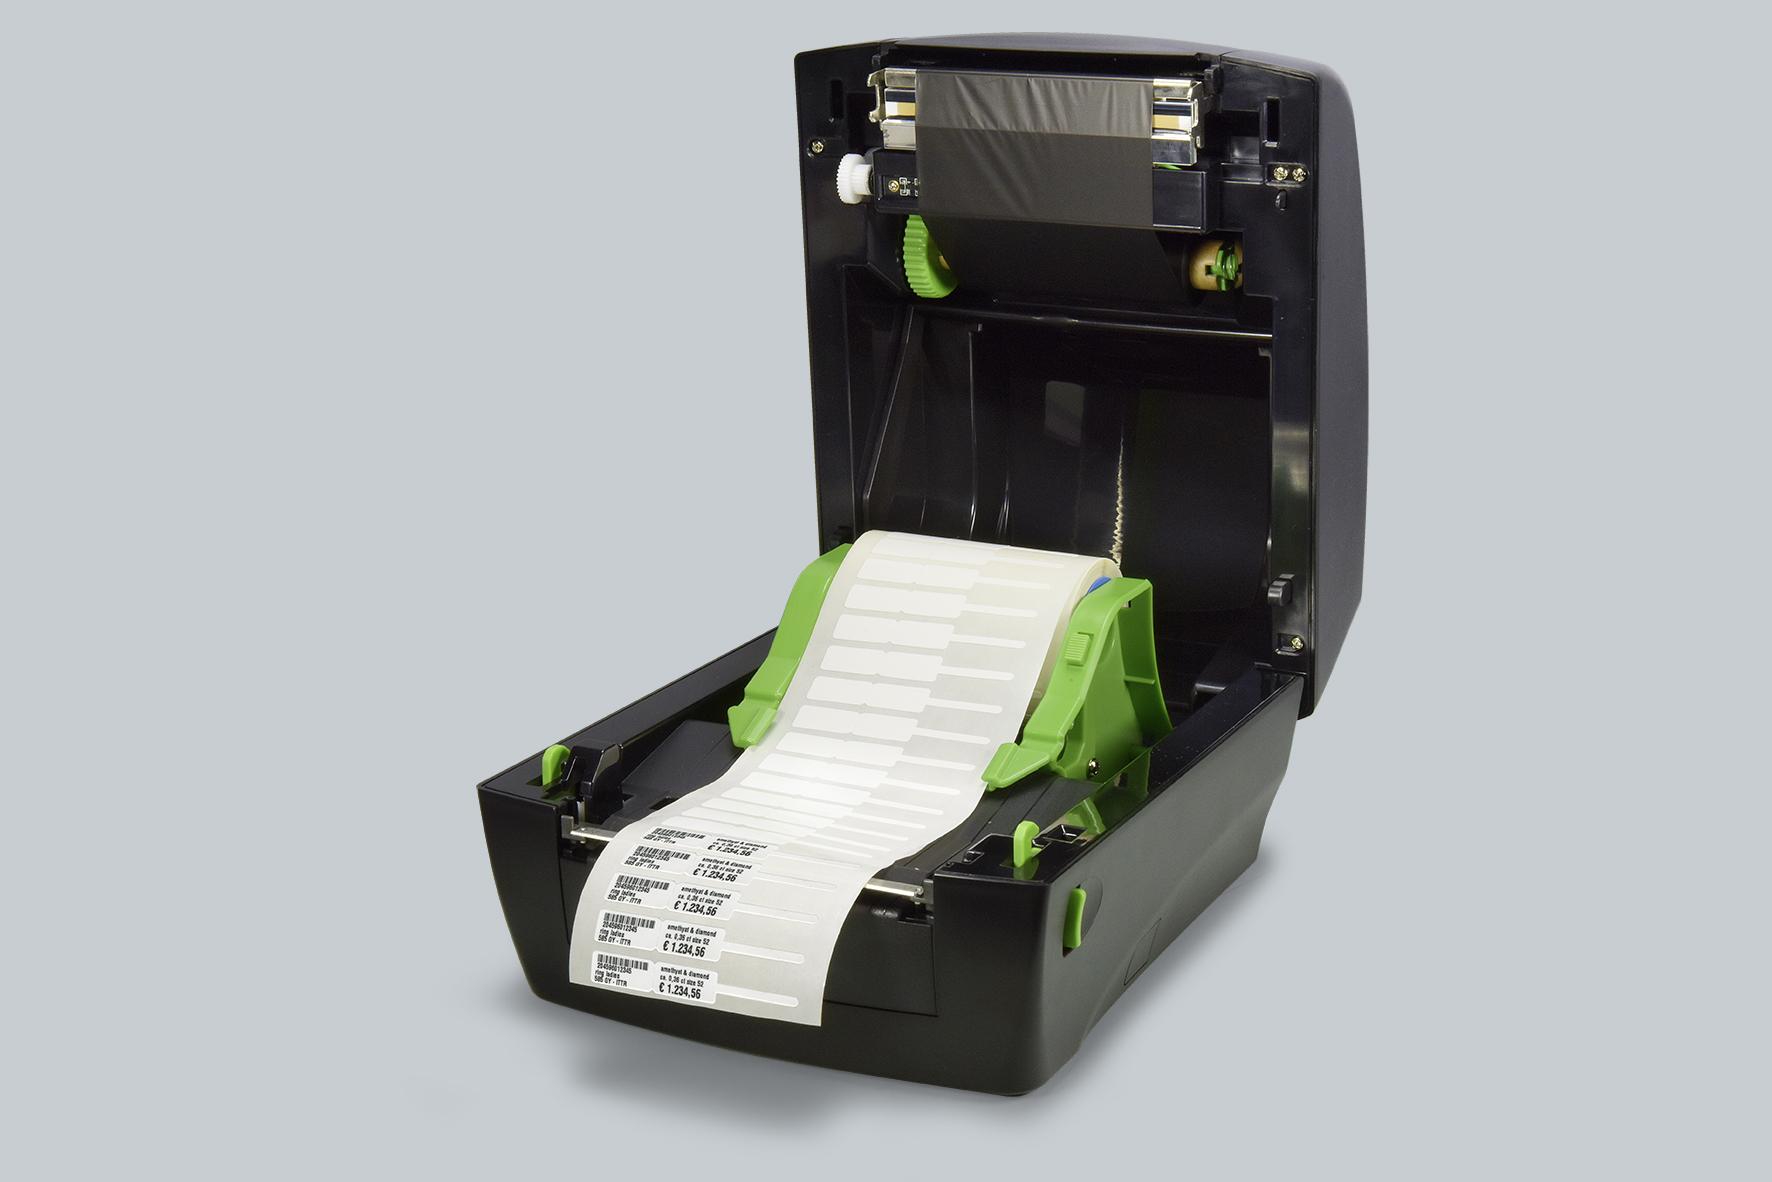 Die Clamshell-Bauweise macht den neuen eXtra4 Thermotransfer-Drucker von SBARCO gut zugänglich bei Farbband- und Etiketten-Wechsel.